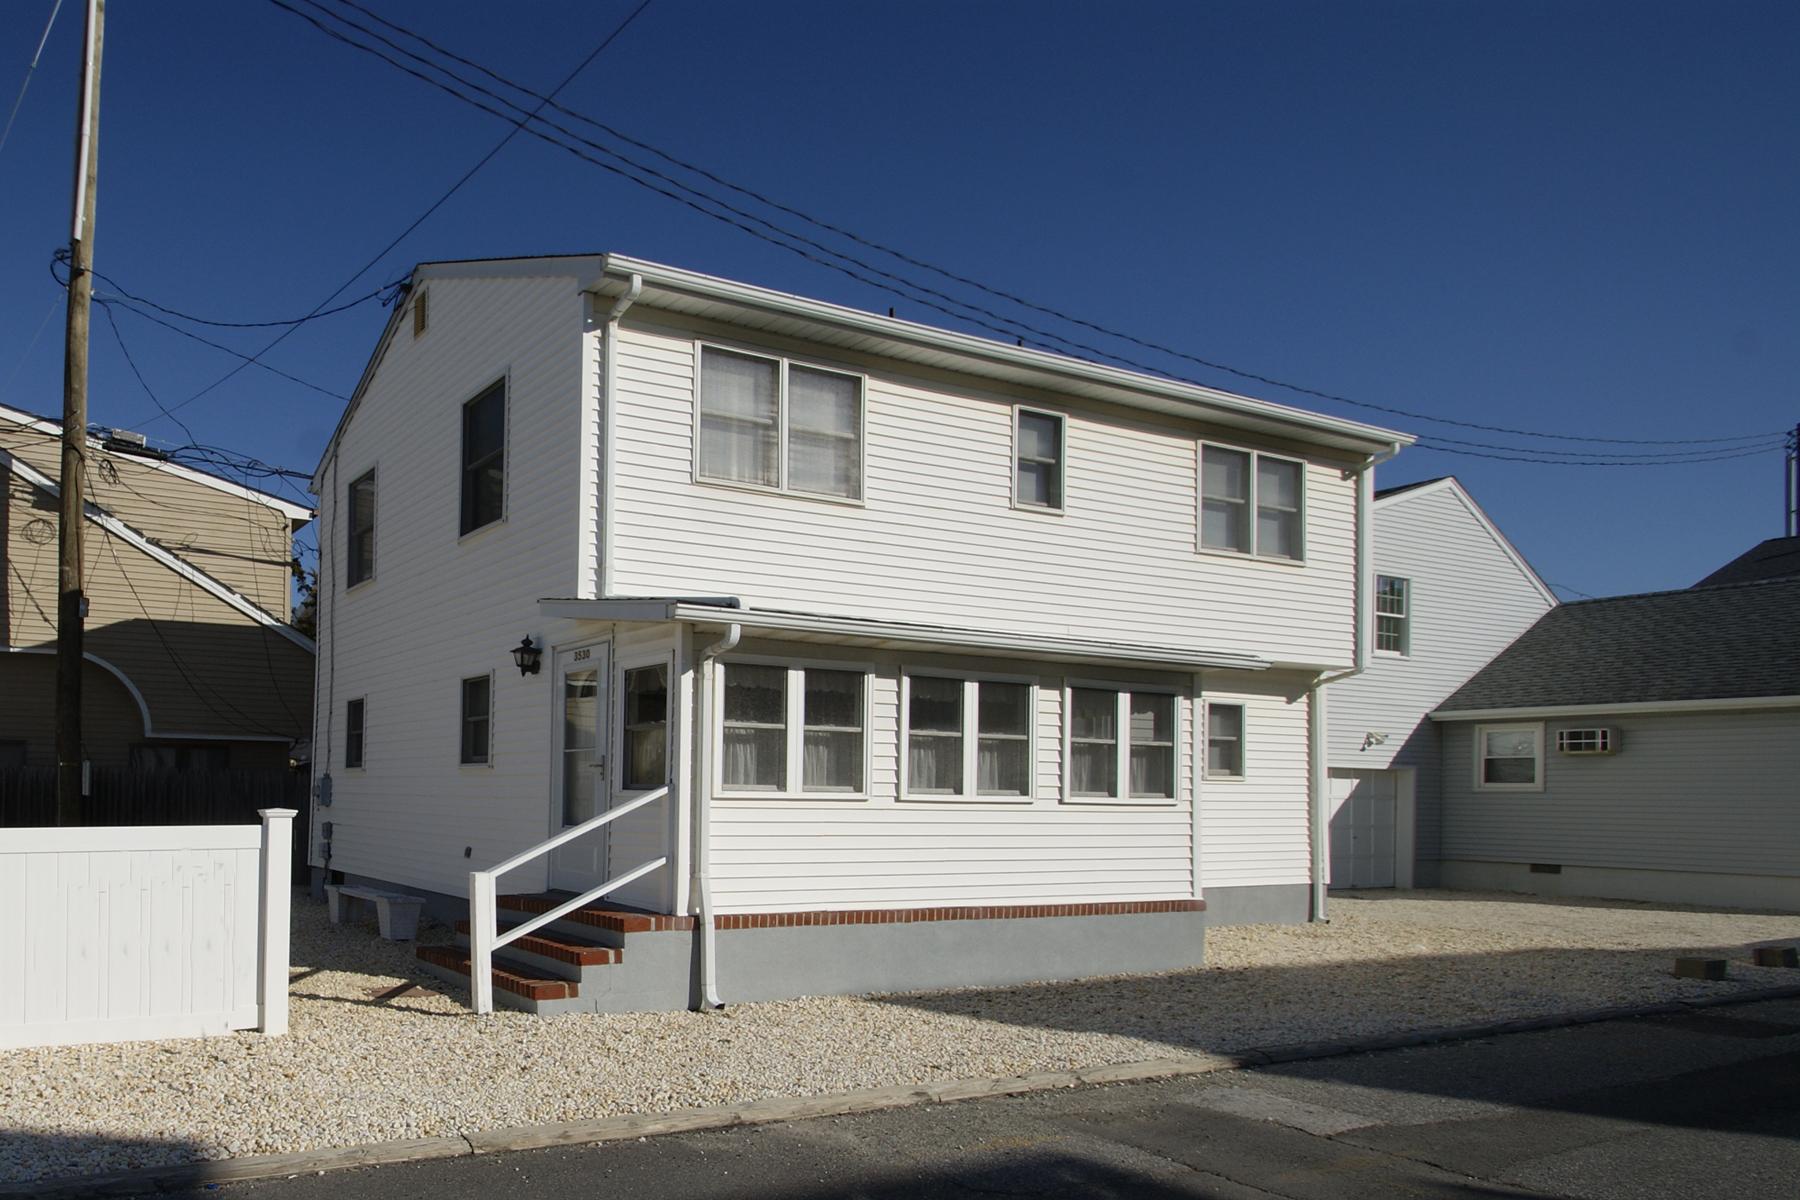 Casa Unifamiliar por un Venta en Silver Beach Oceanblock Home 3530 Route 35 N, Lavallette, Nueva Jersey 08735 Estados Unidos